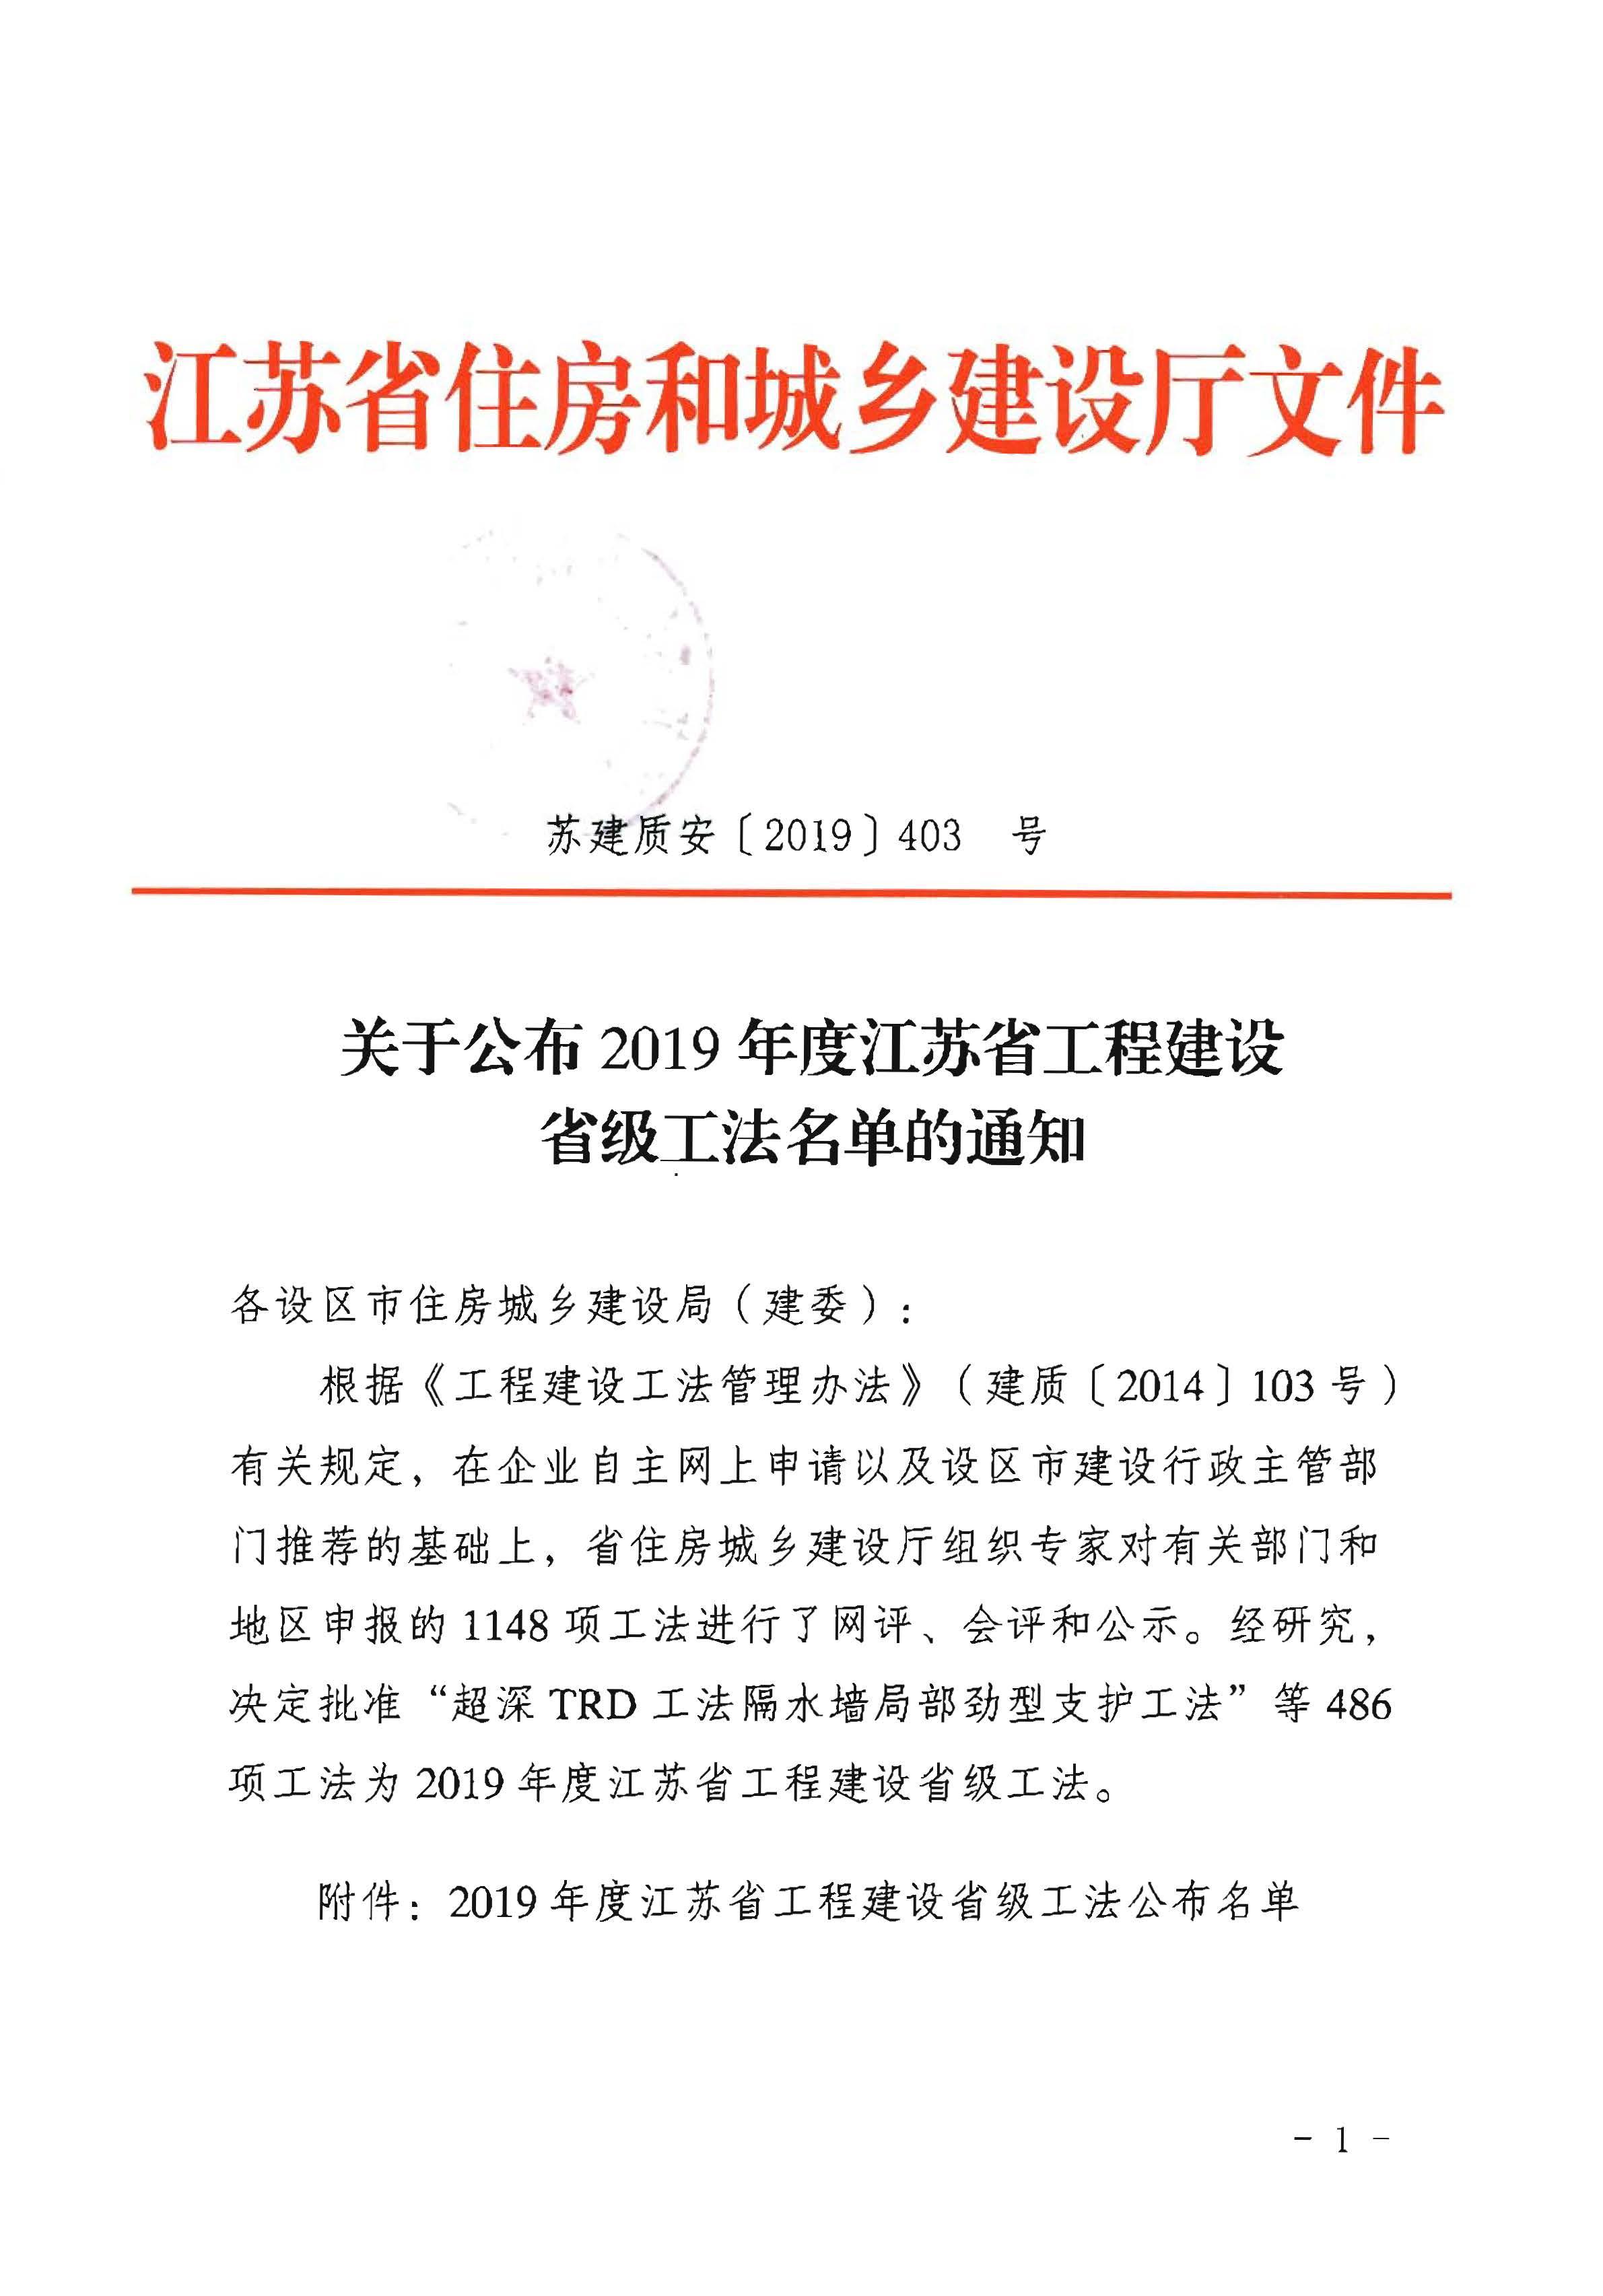 2019年省级工法名单编号324第14页_页面_01.jpg